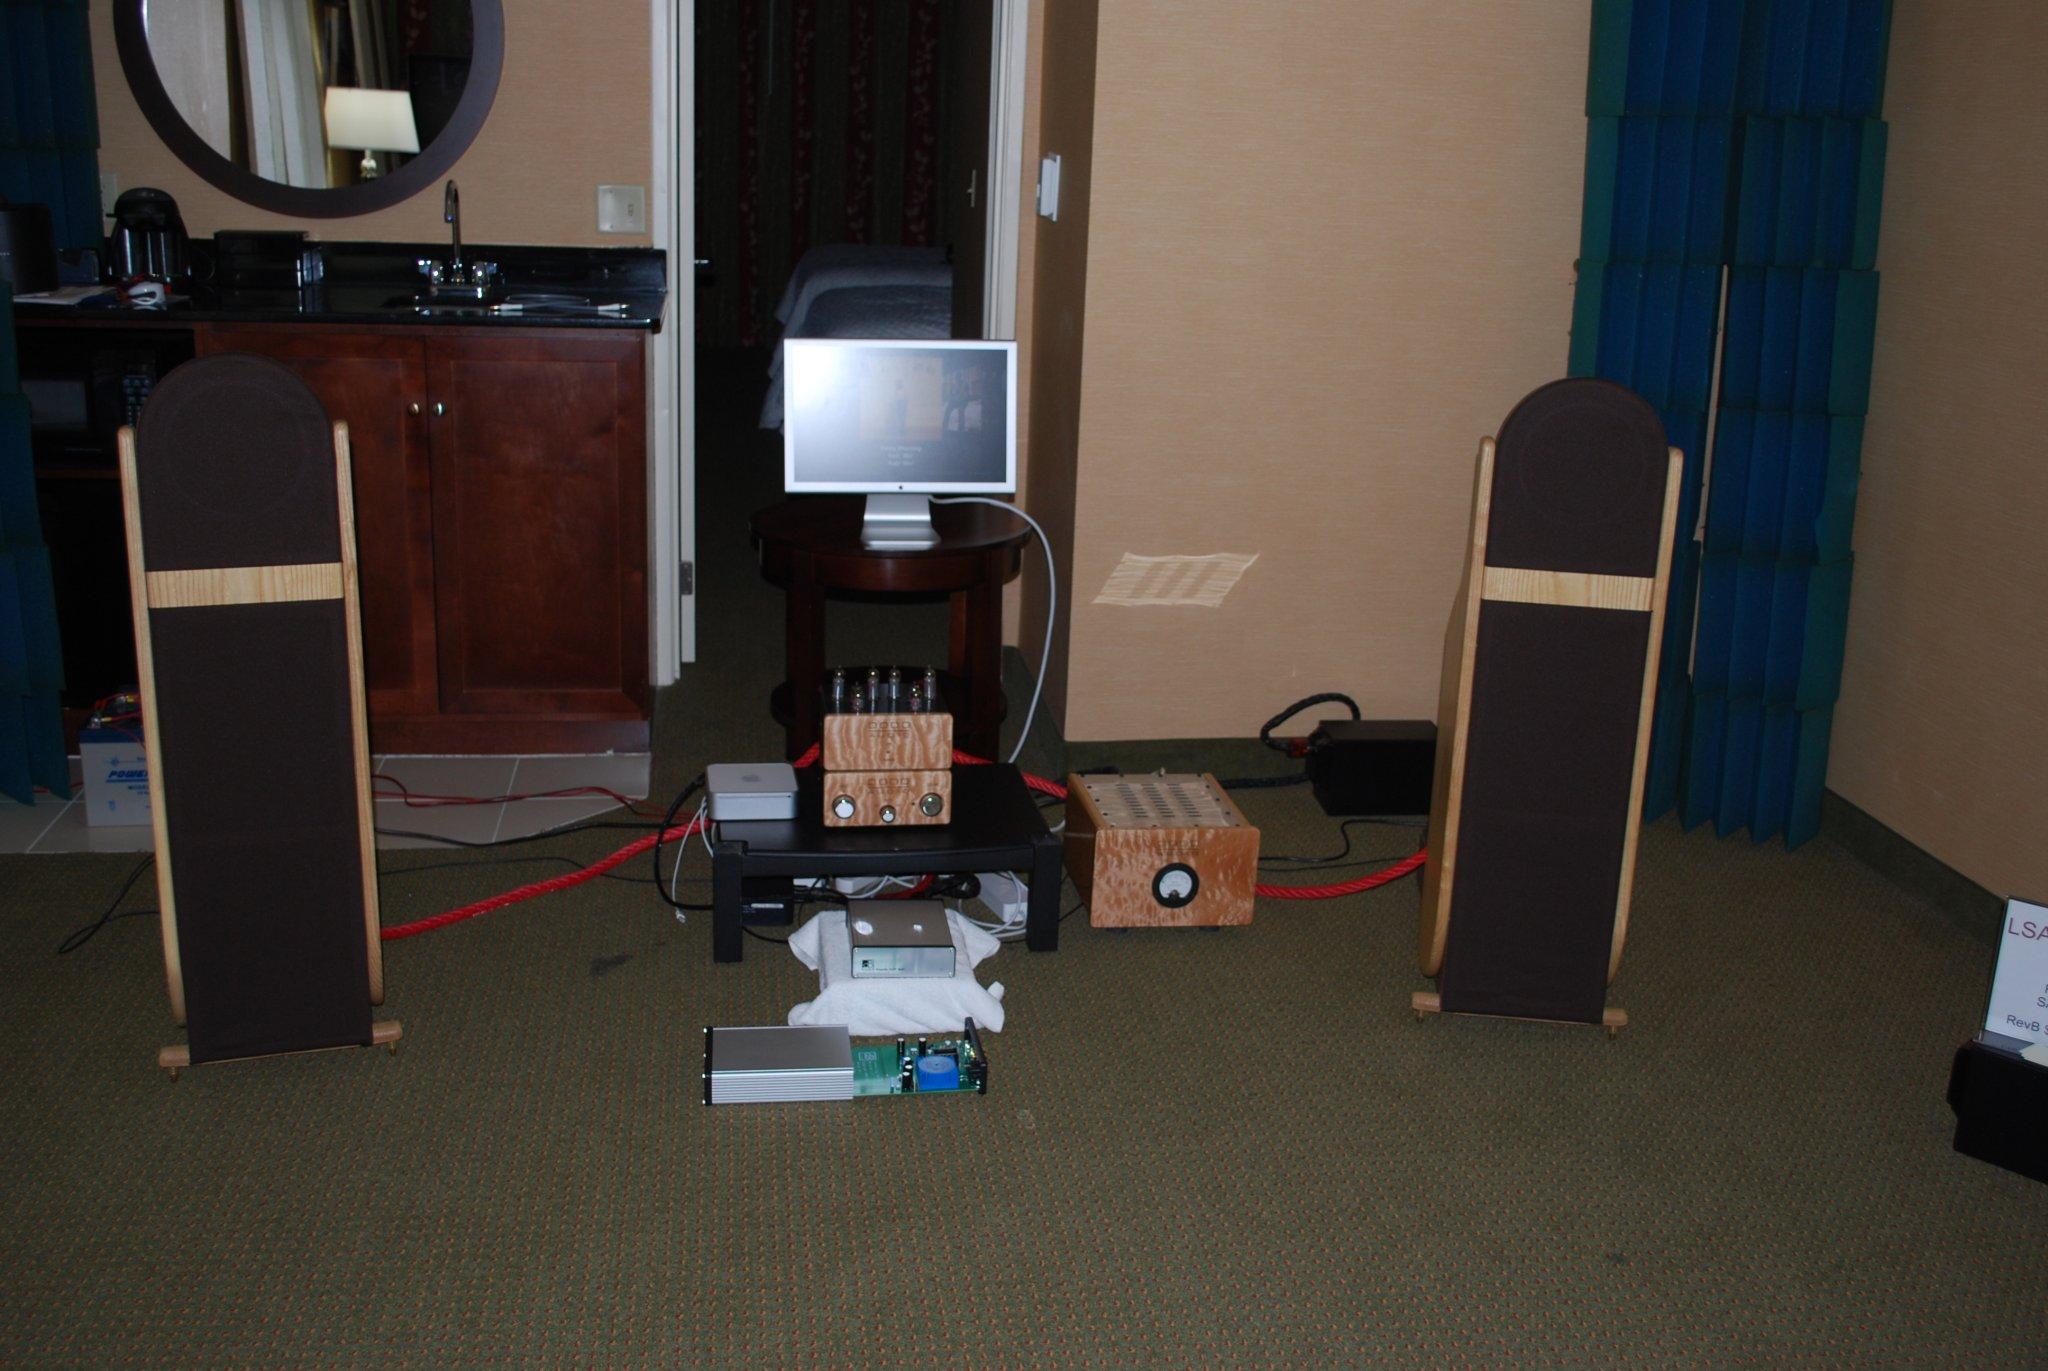 http://lonestaraudiofest.com/2010/Photos/Dsc_0024.jpg